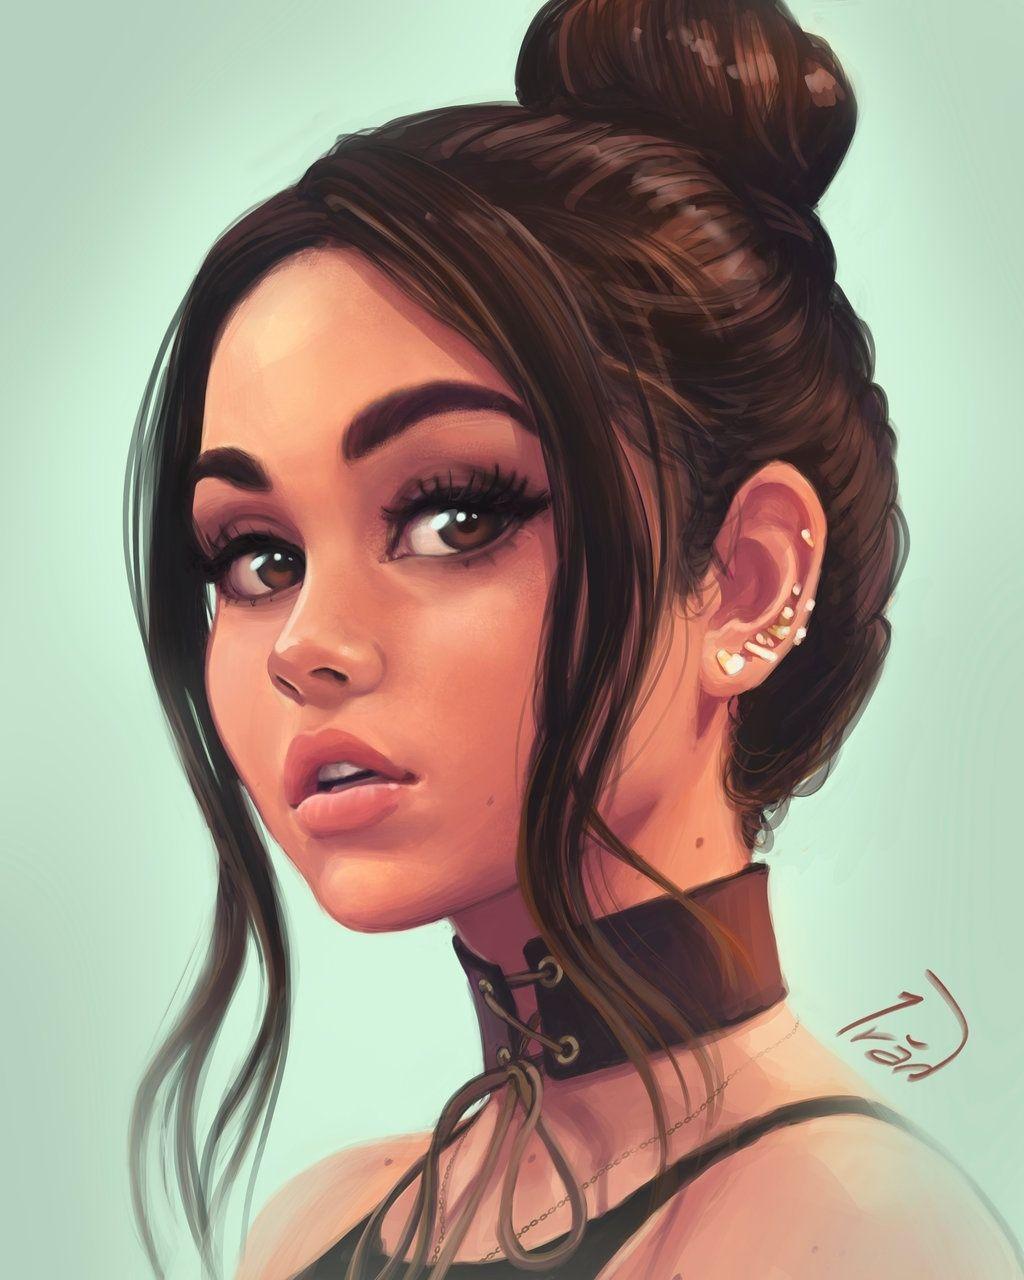 Нарисованные девушки в стиле арт (35 фото) ⭐ Юмор, картинки и забавные фото    Рисунки девушки, Портреты девочек, Портрет-иллюстрация